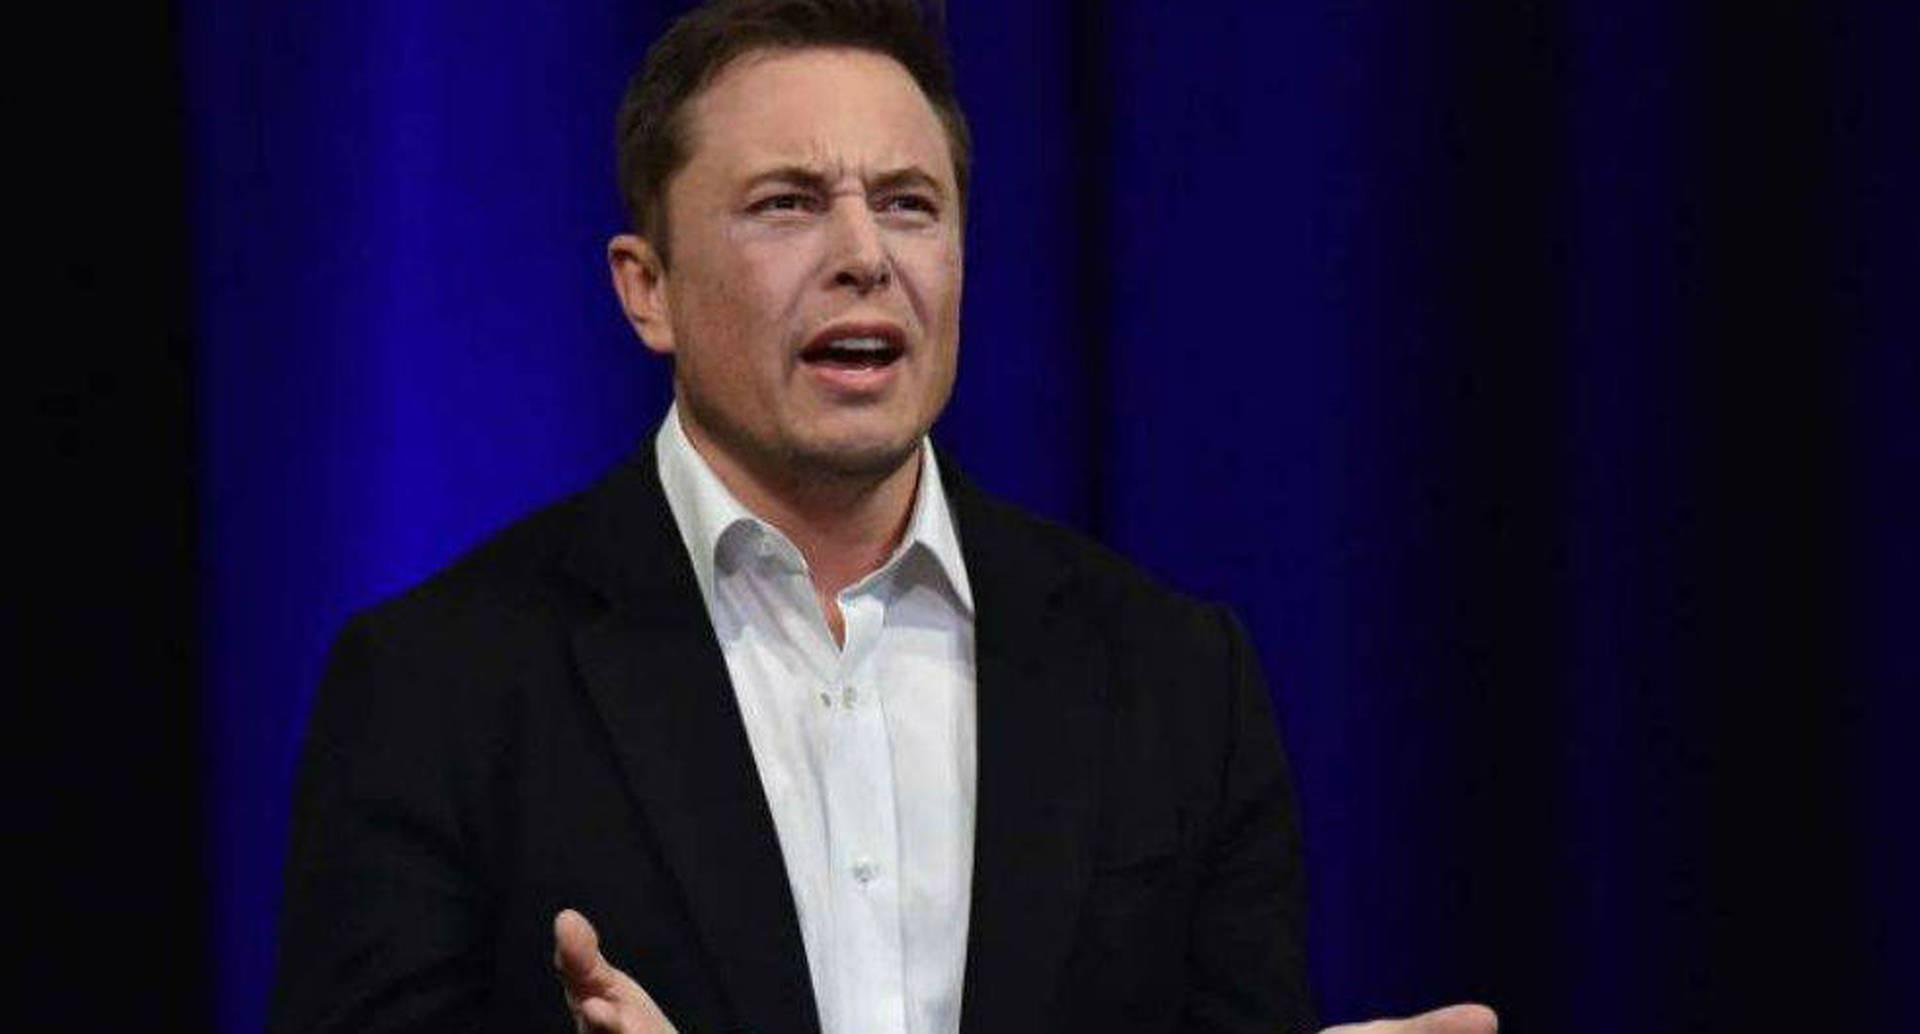 ¿Por qué a Elon Musk no le gusta tomar vacaciones? GETTY